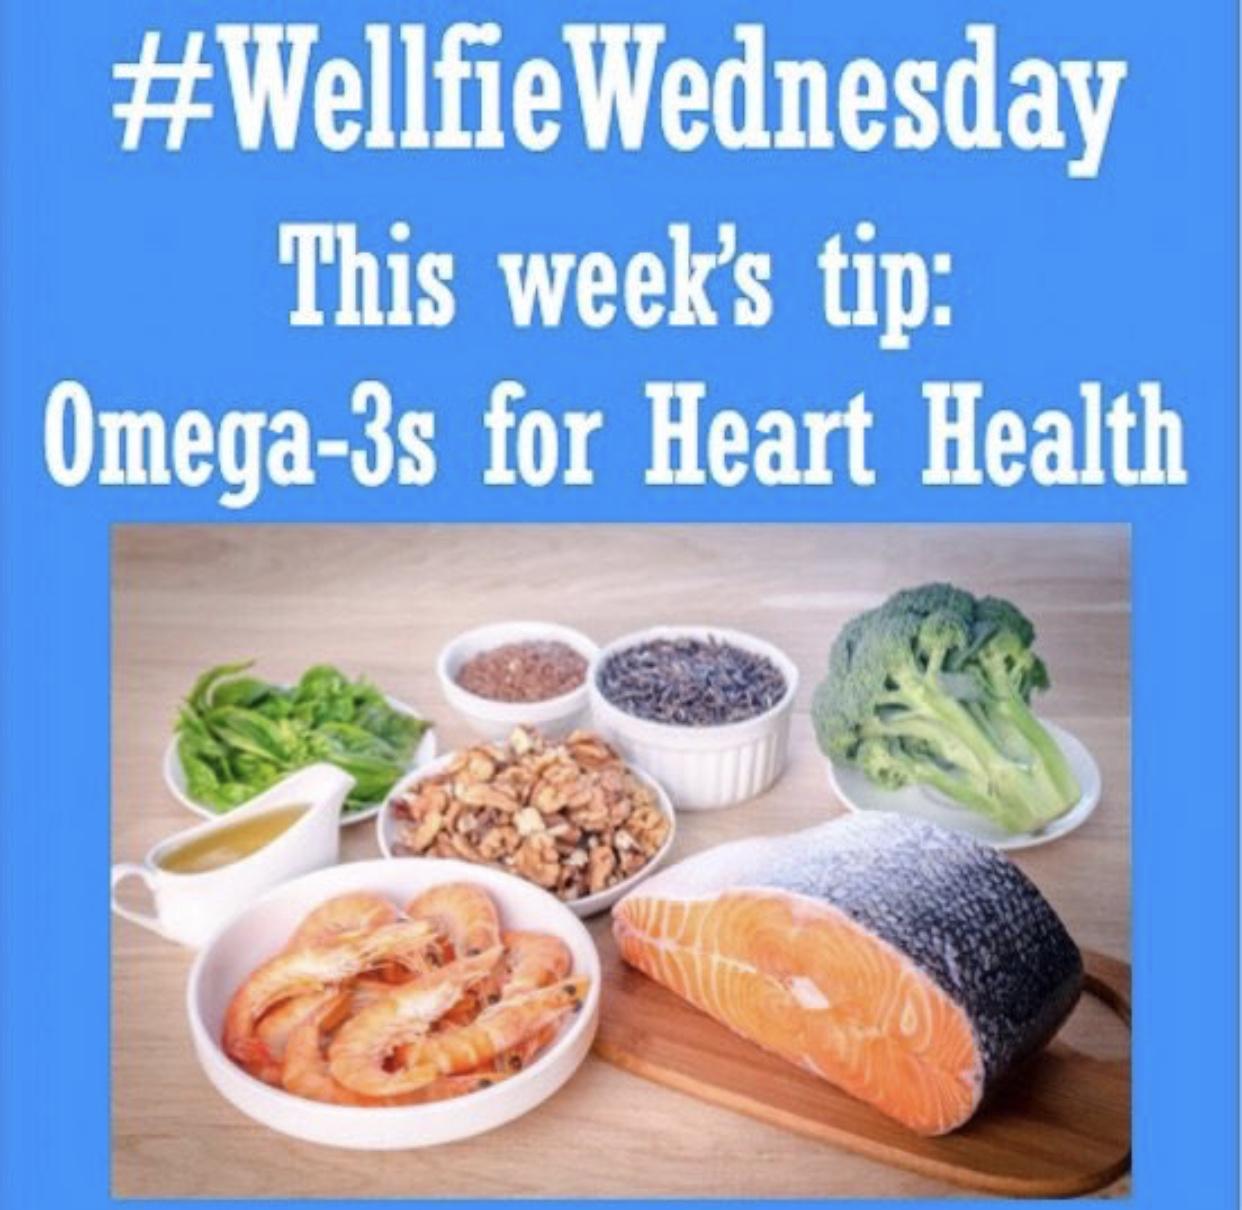 Wellfie Wednesday: Omega-3s